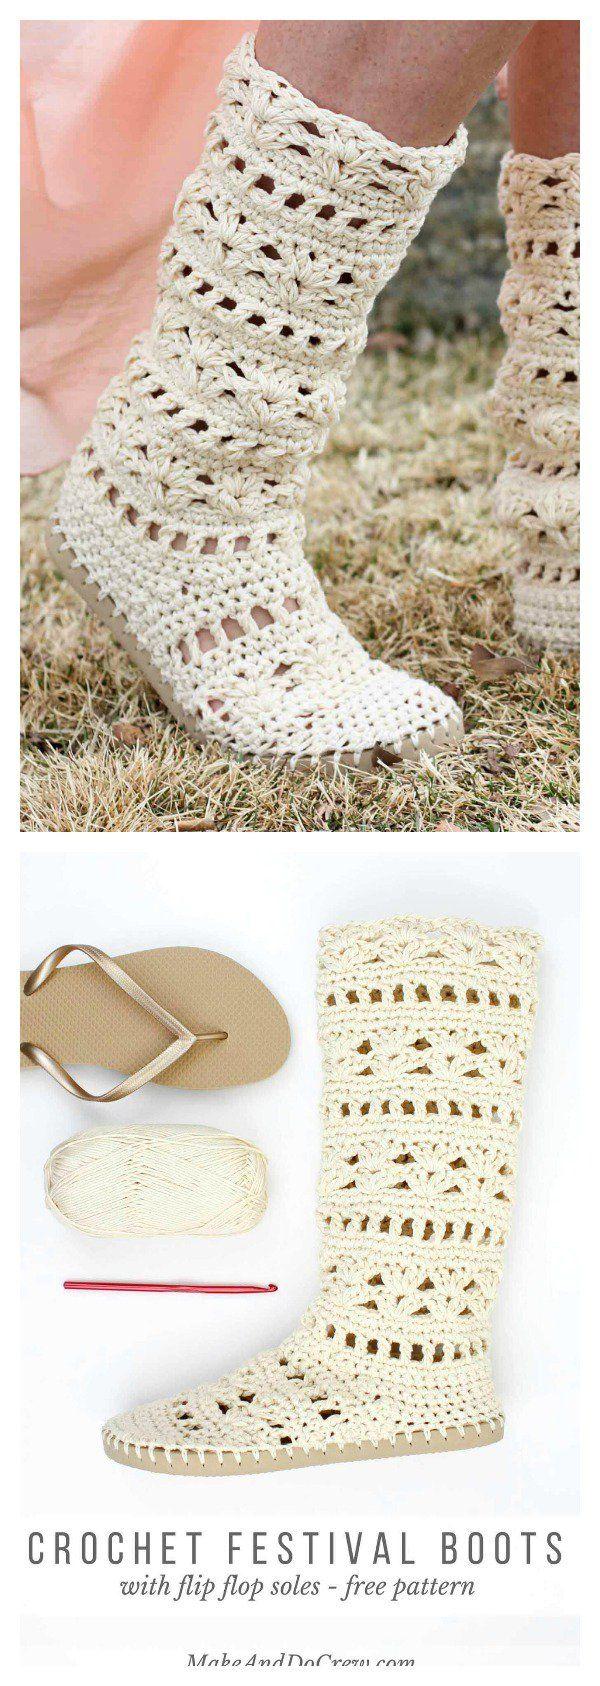 How to Crochet Slippers with Flip Flop Soles | Patrón libre, Botas y ...